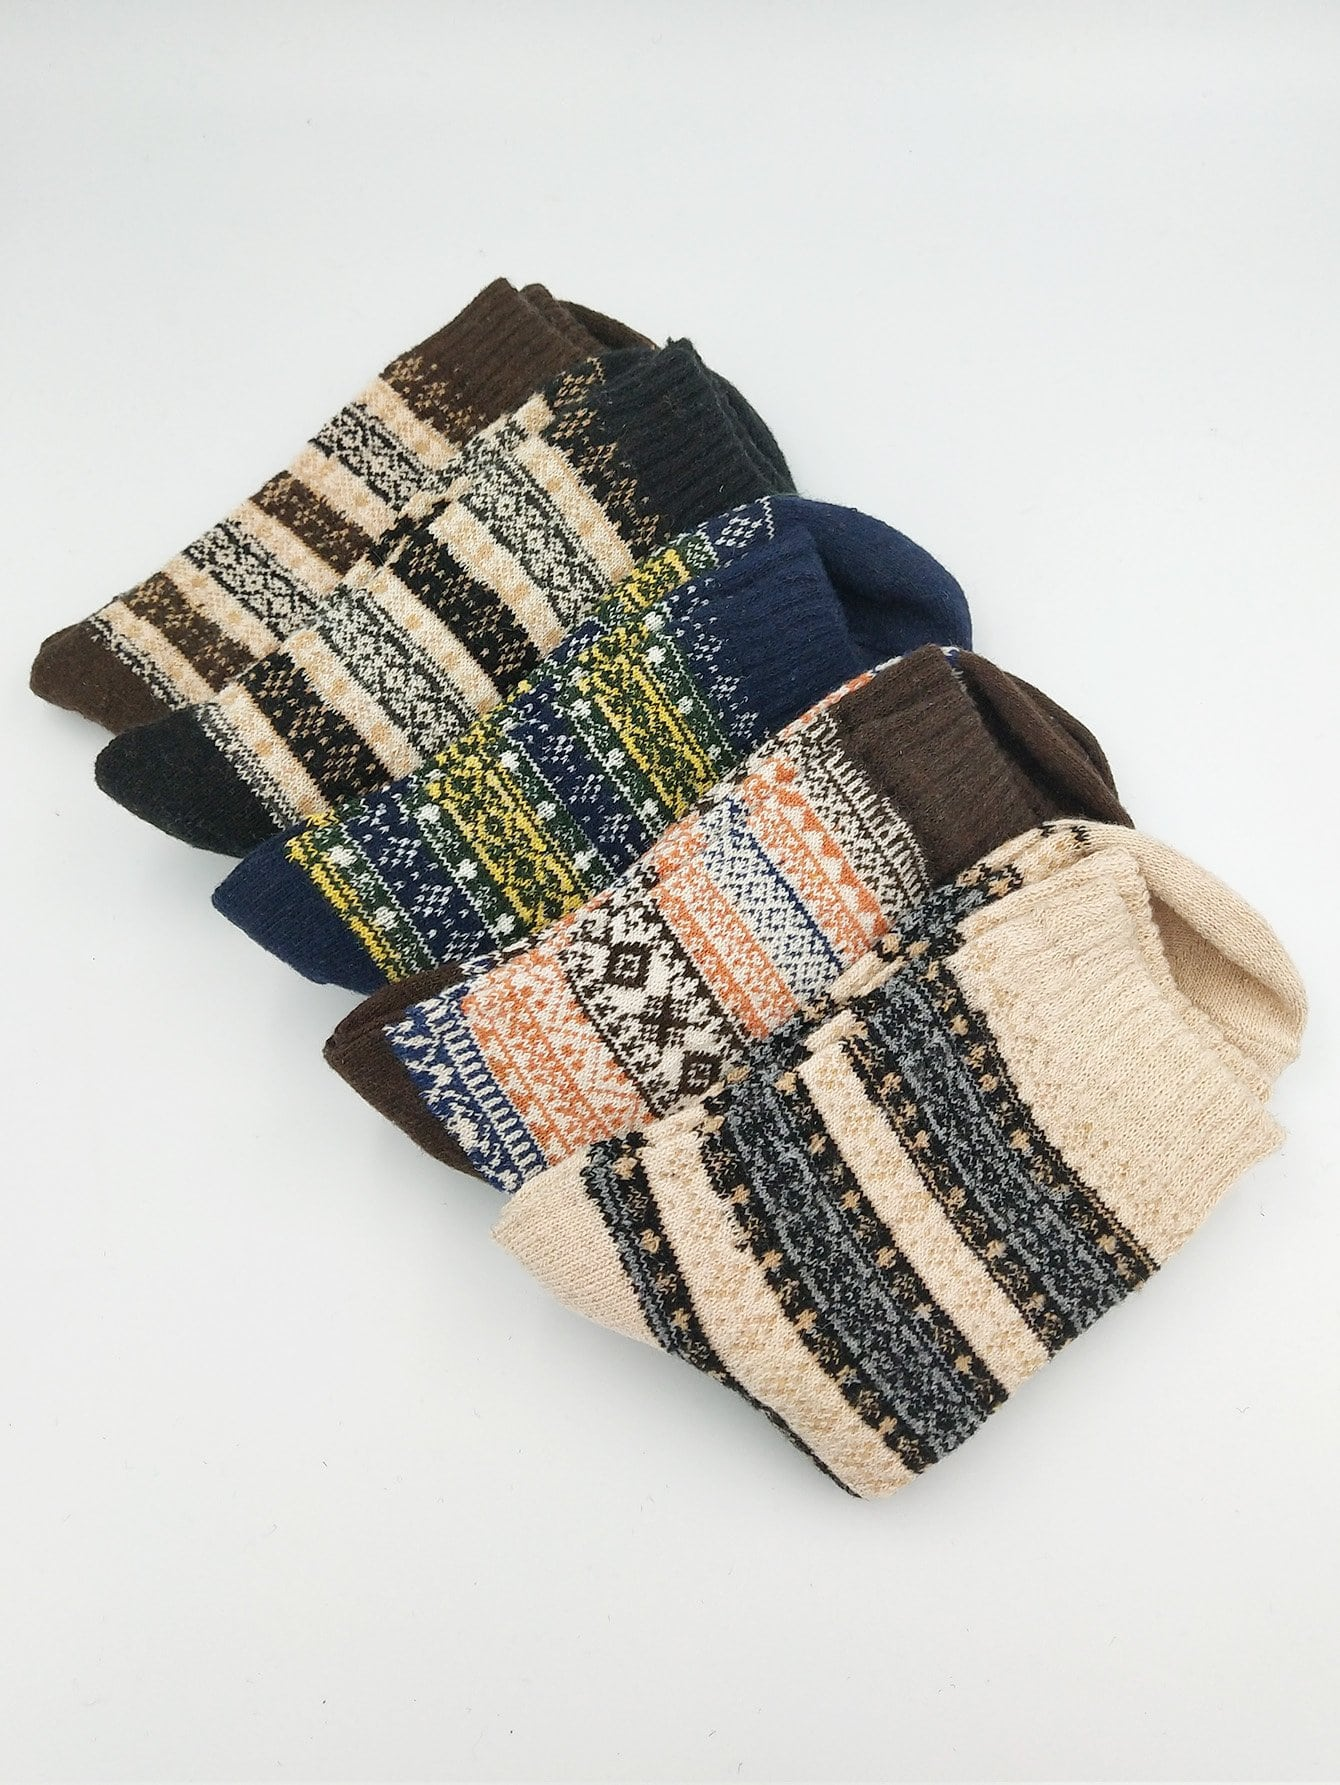 Männer Socken 5Paare mit Stamm Muster